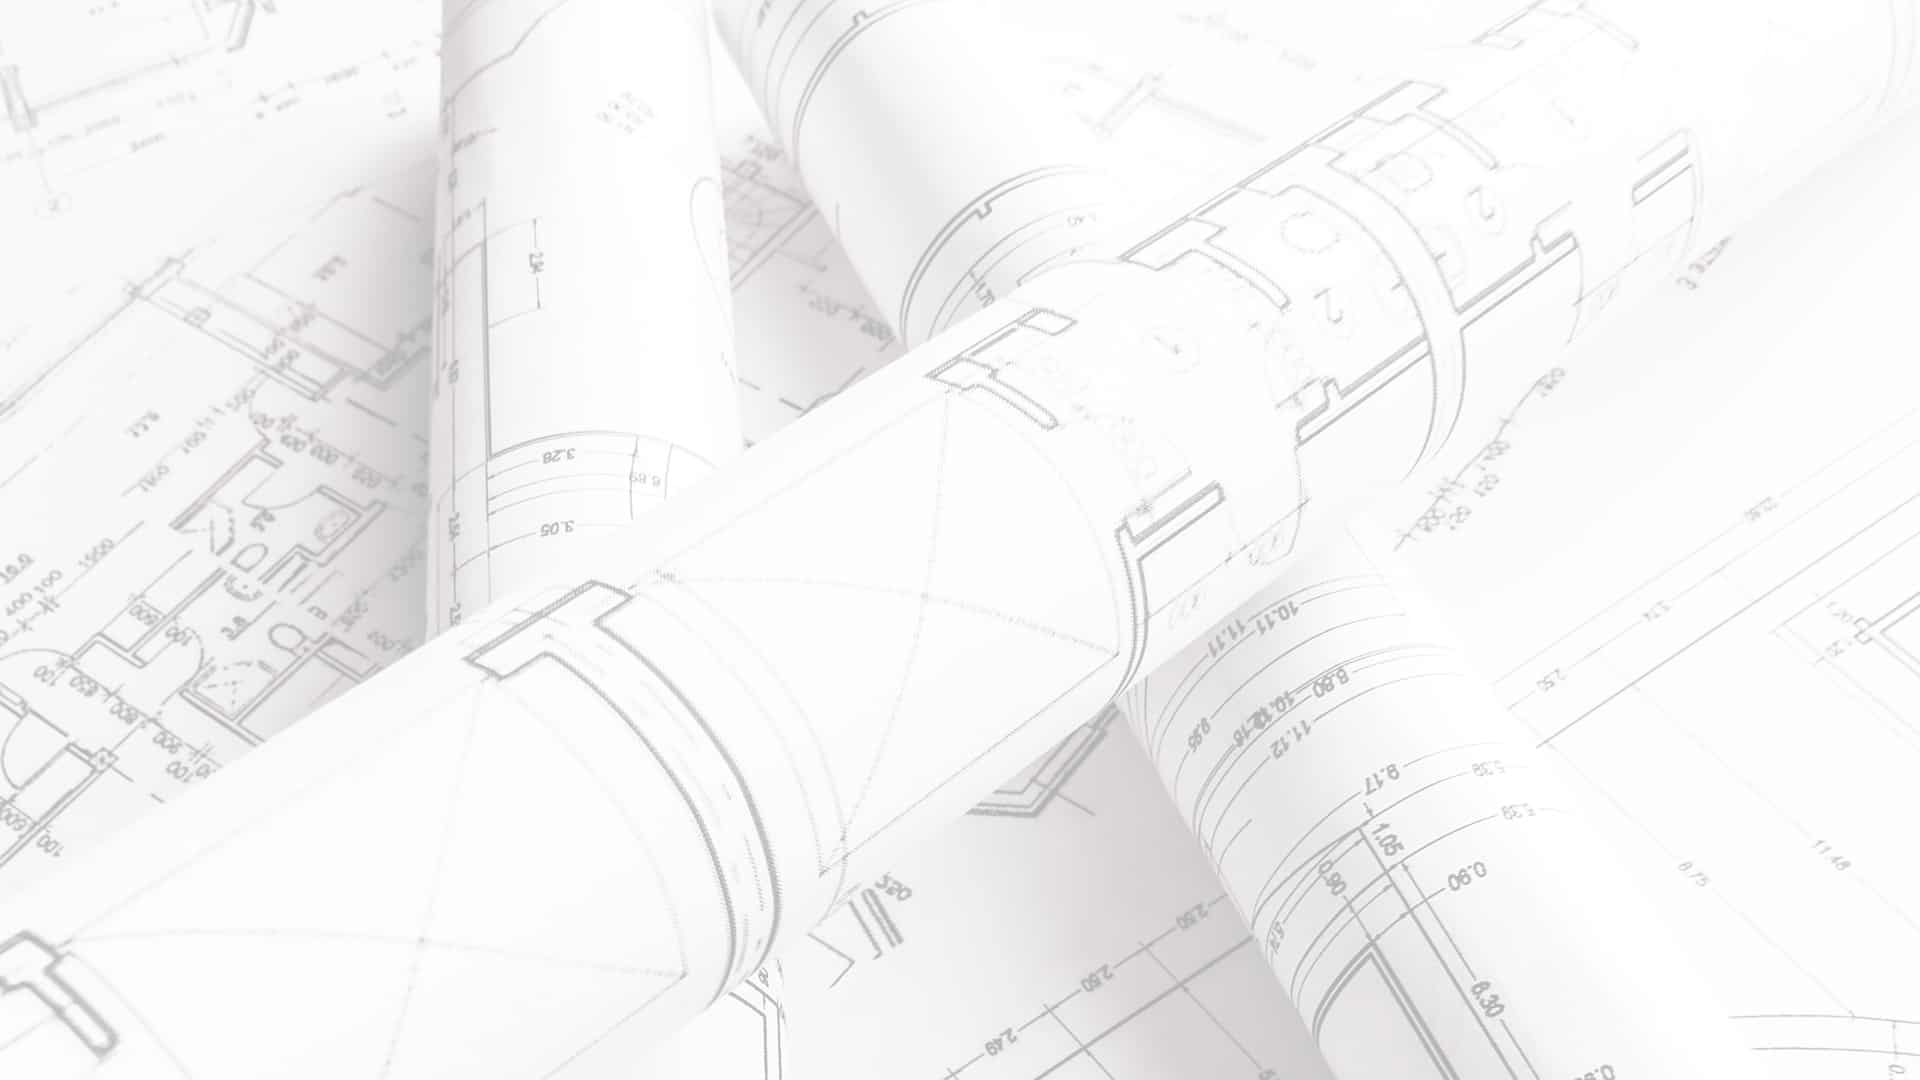 MKA Drafting & Consulting Inc